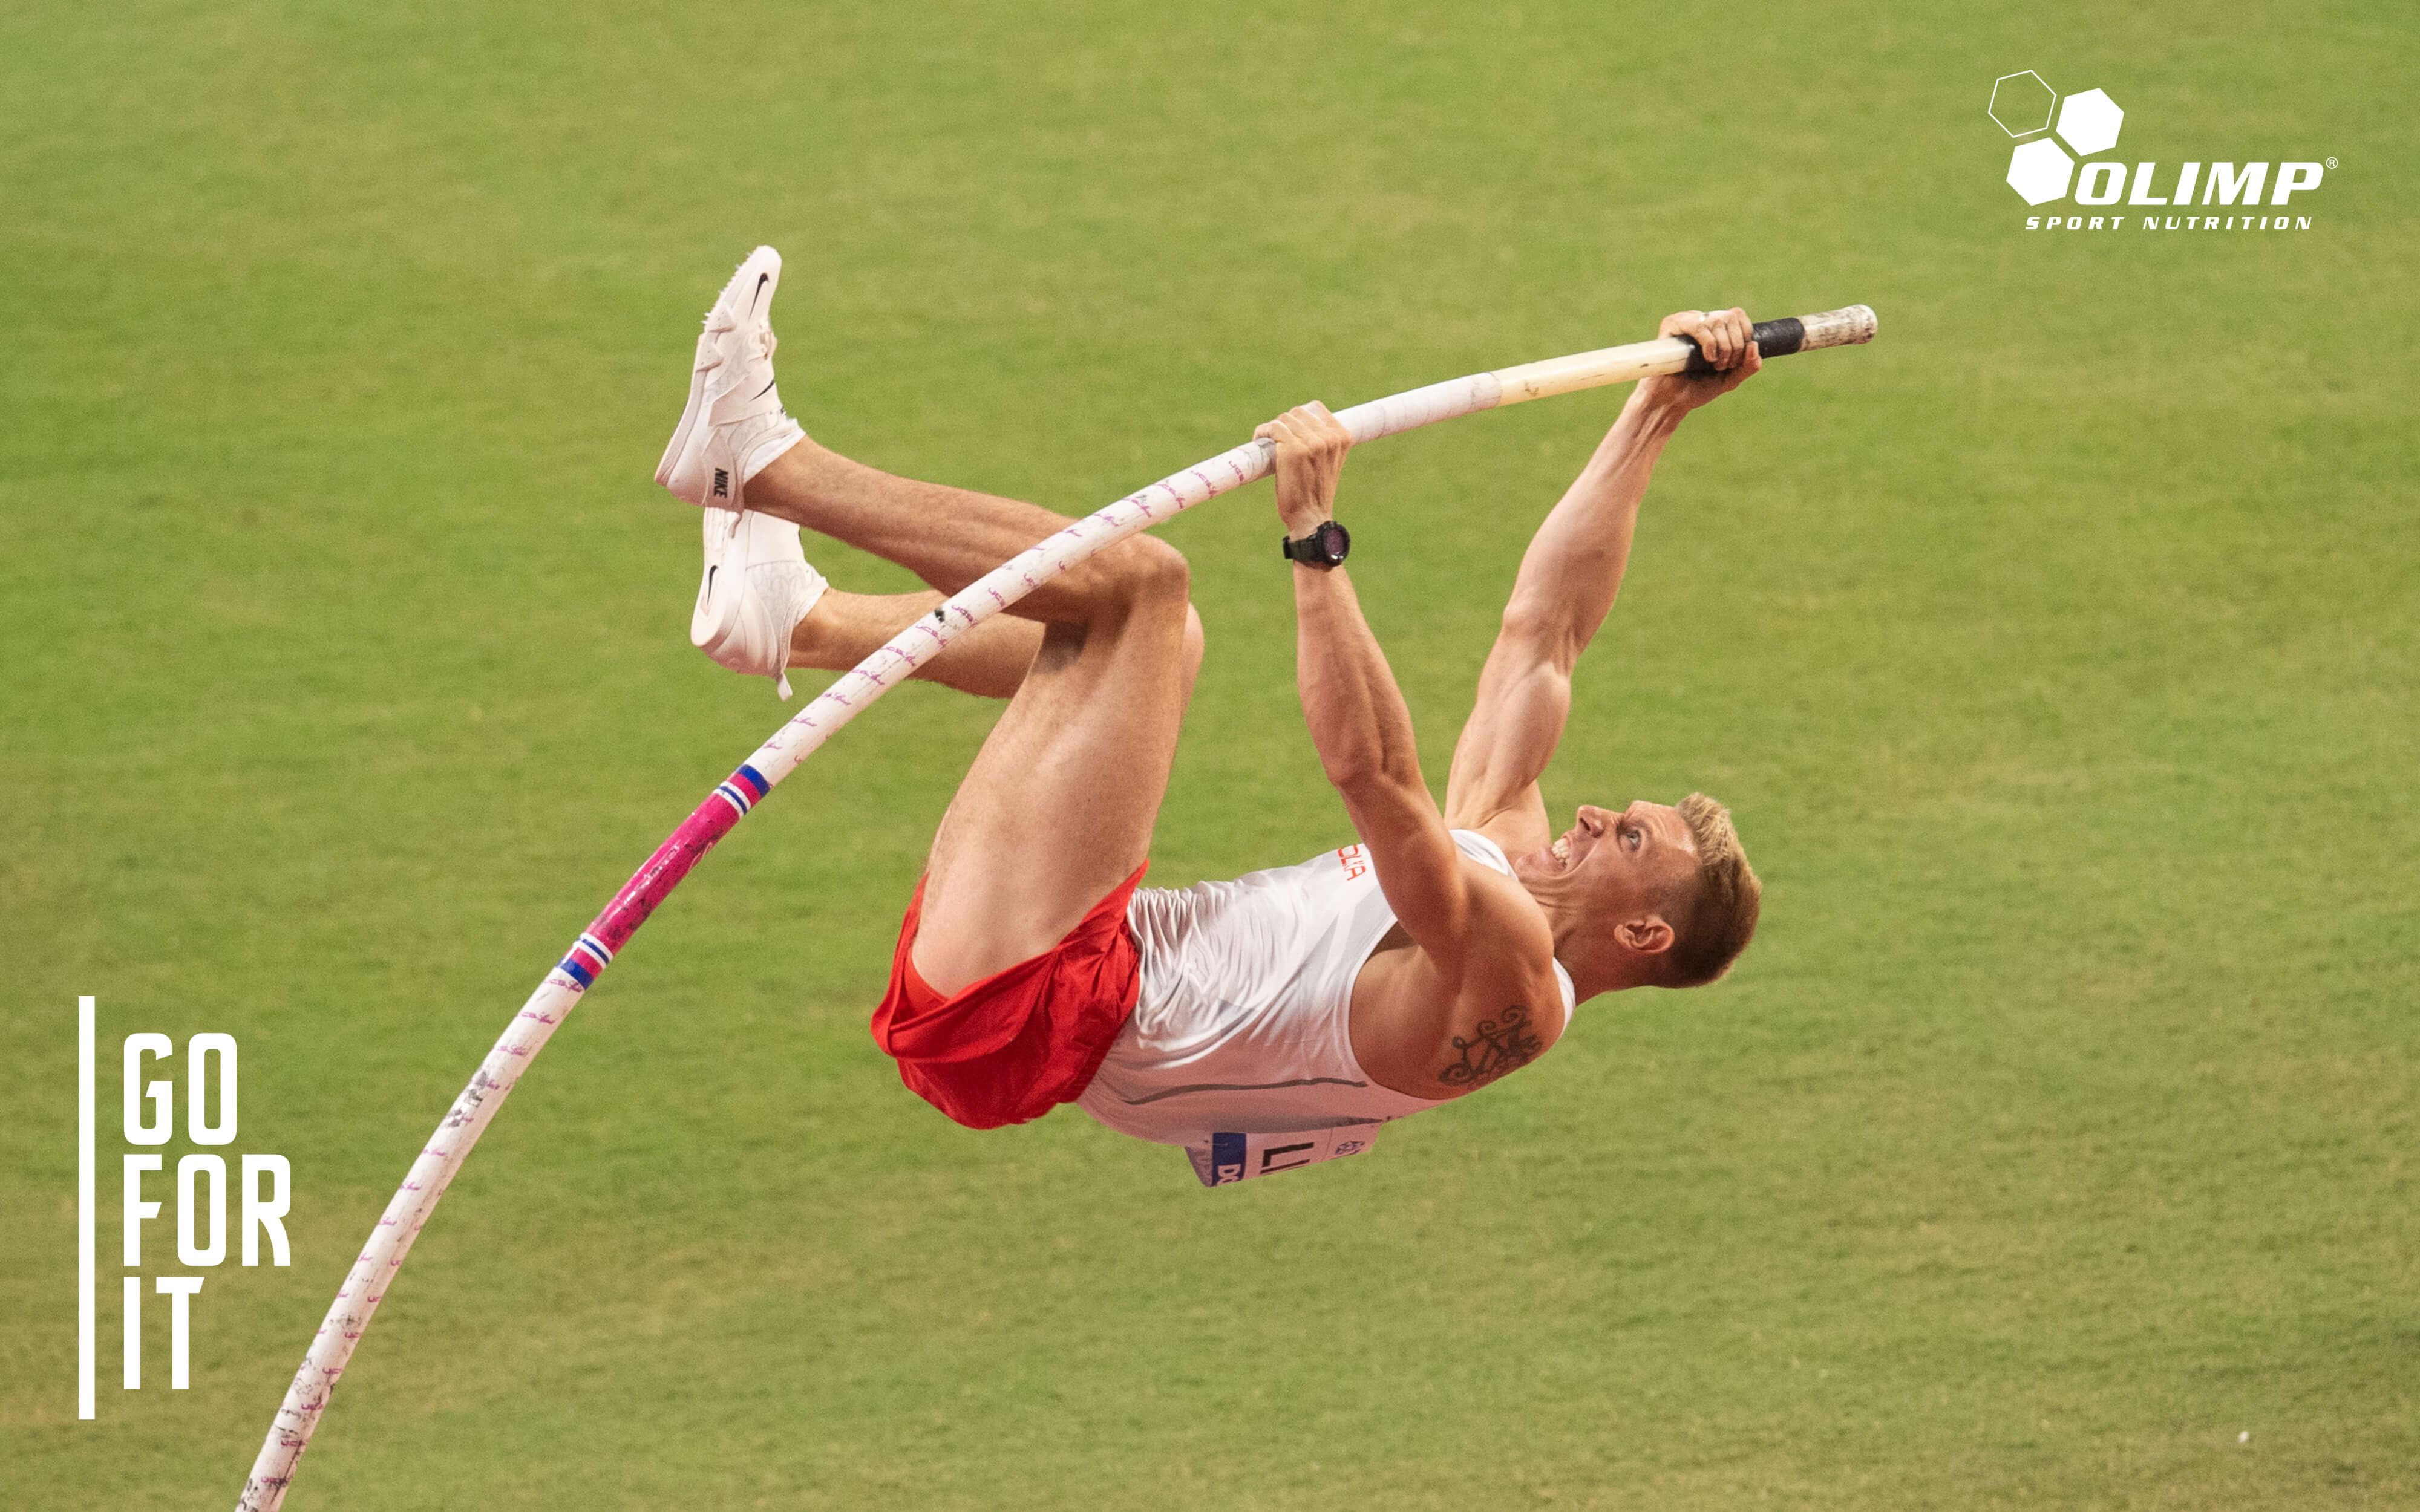 Piotr Lisek im Olimp Team!